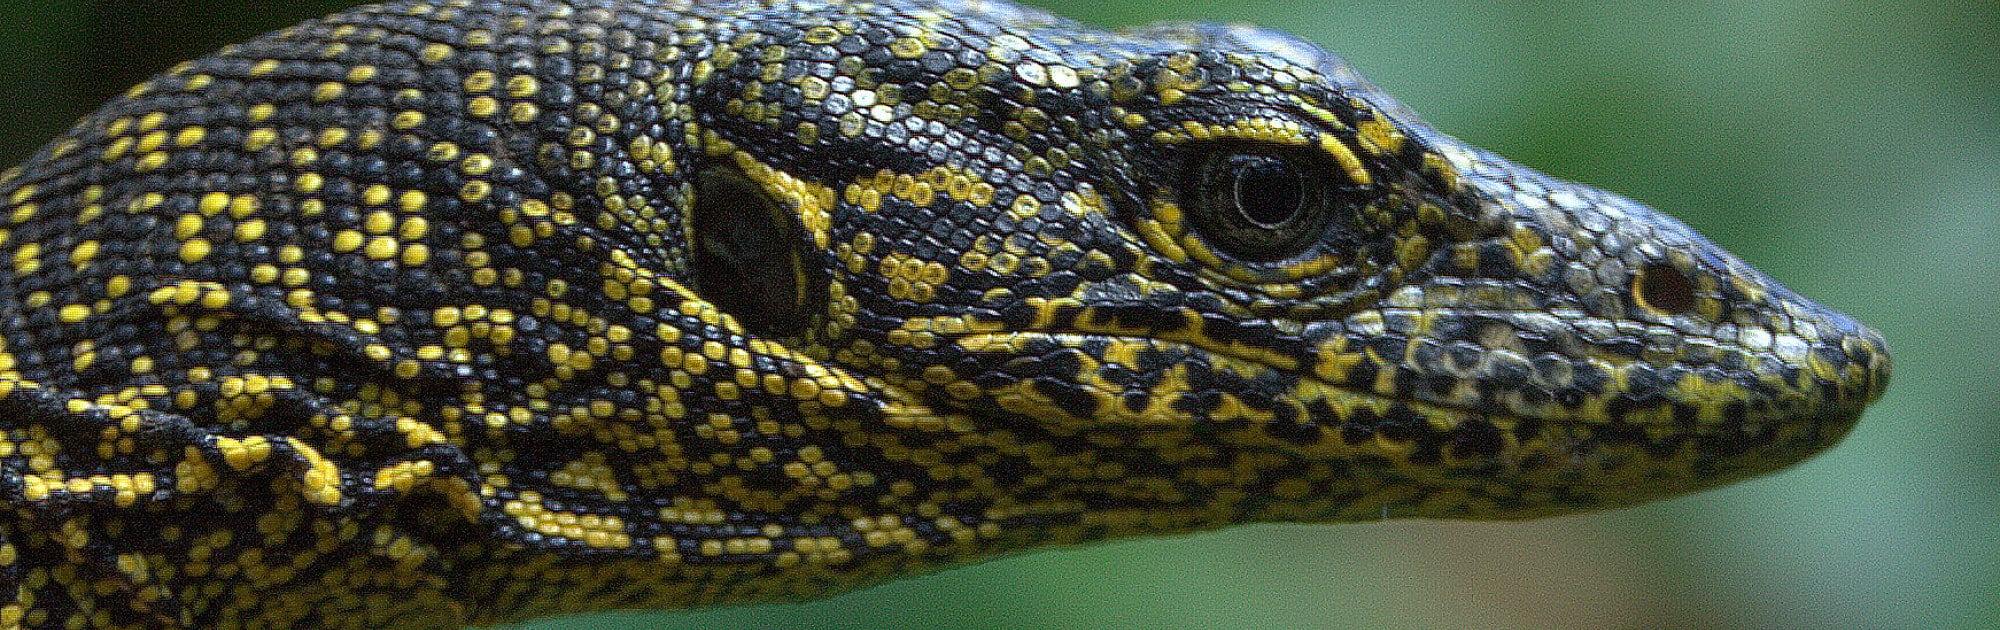 Portrait eines gelb-dunkelgrau gefärbten Waranes